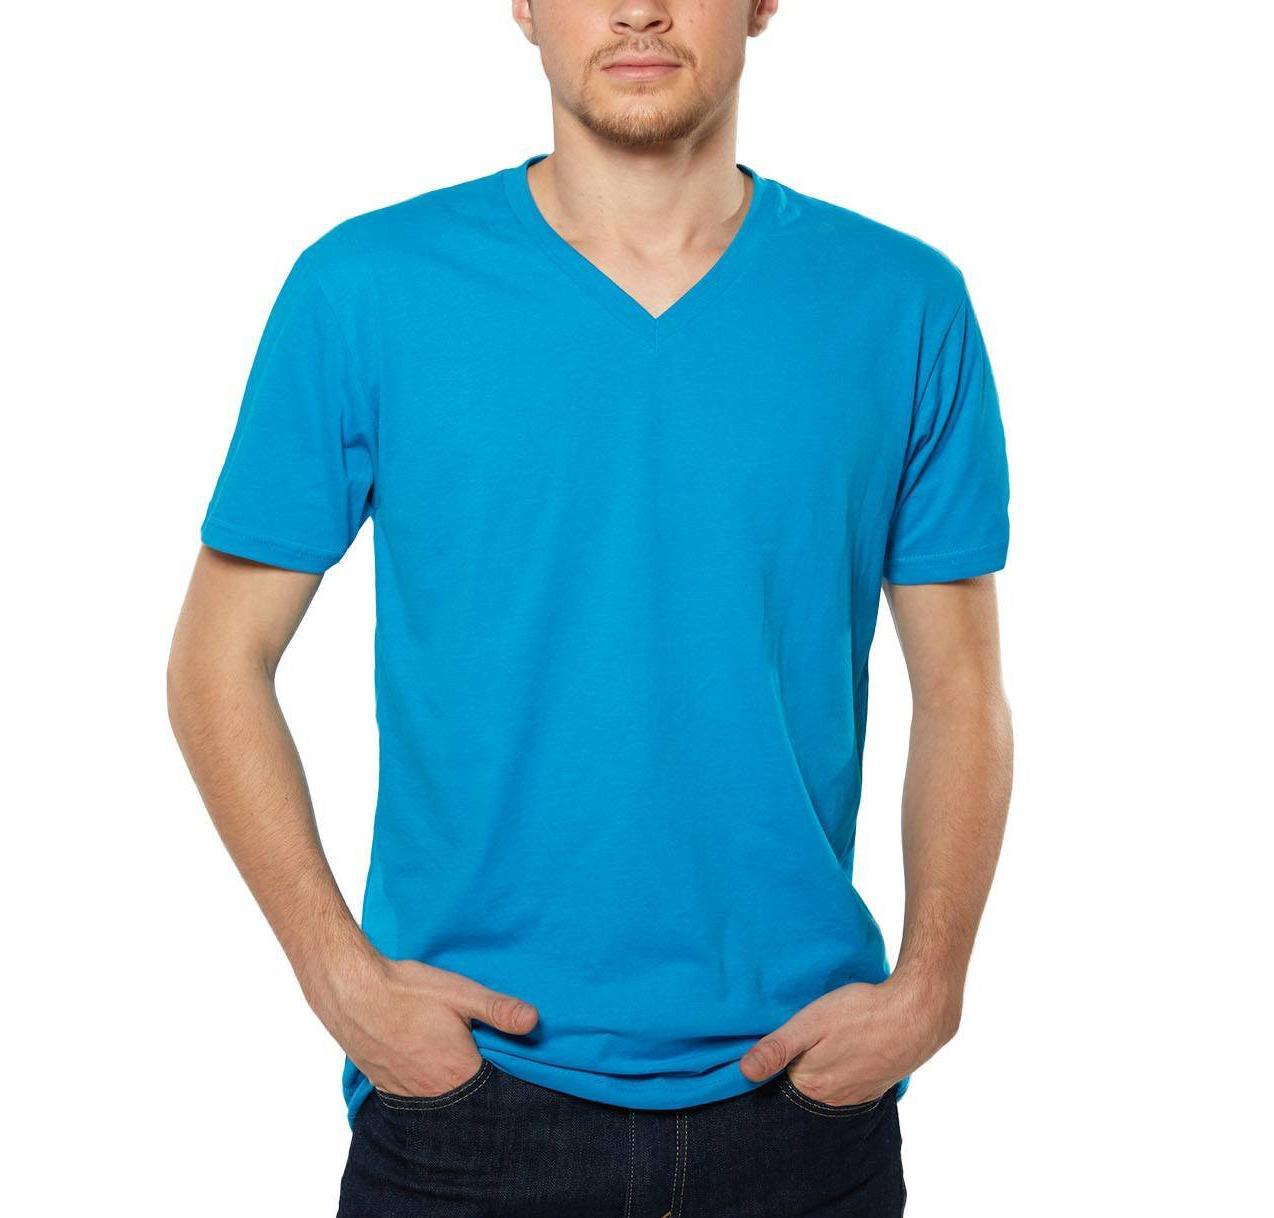 Plain Vneck T Shirt for Men (S,M,L,XL)